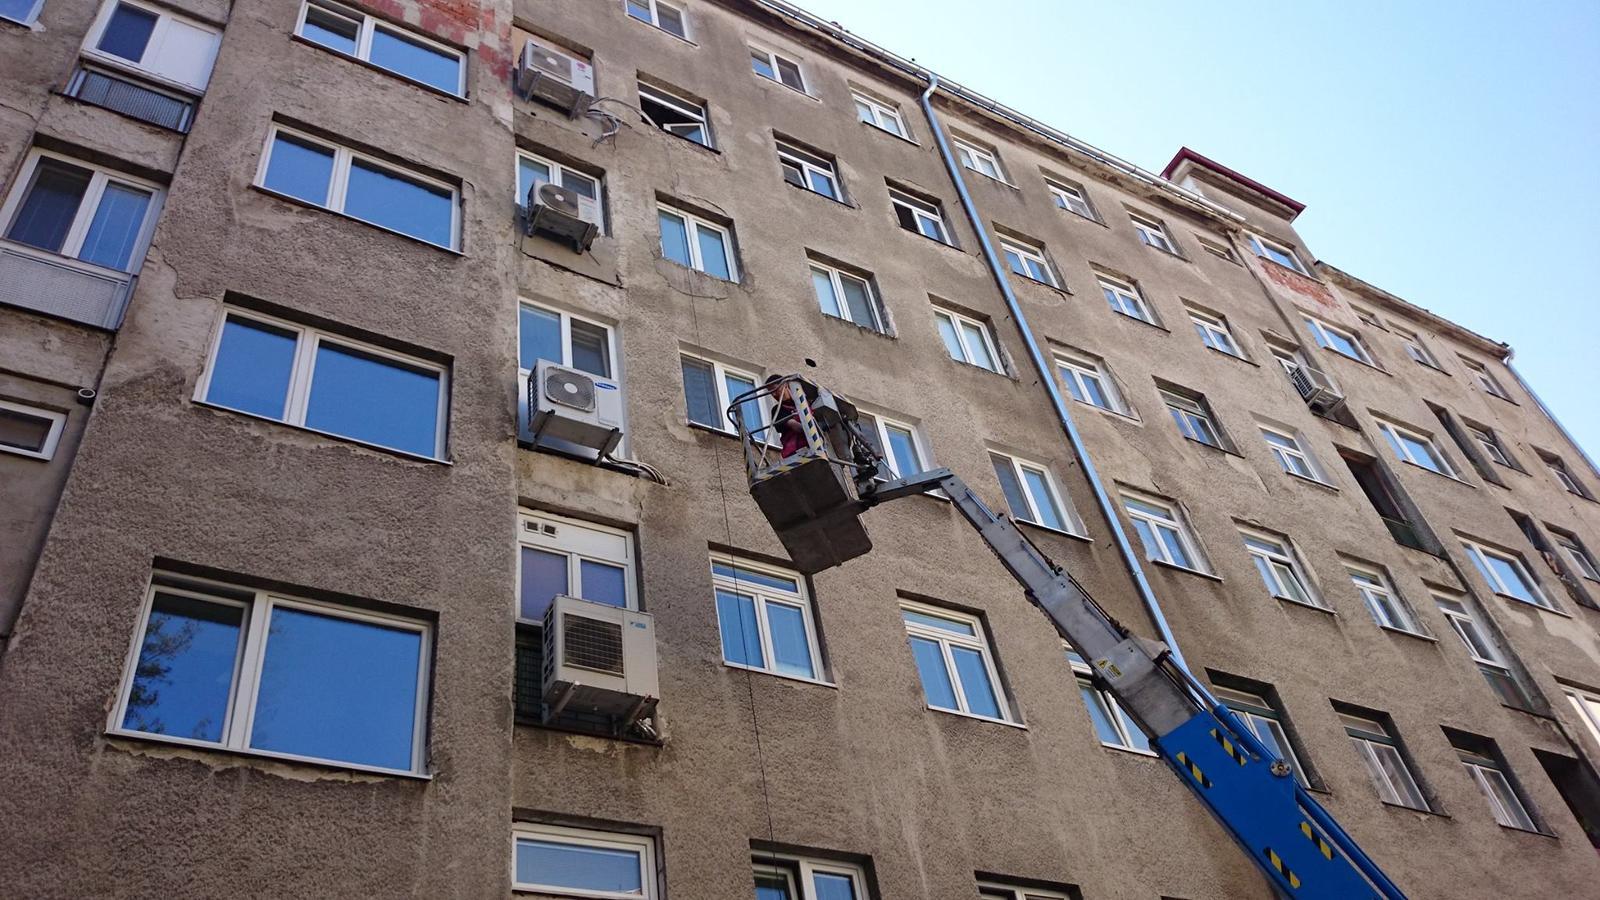 Rekonštrukcia Bytu G - BA Staré mesto - V starom meste je treba byť vždy pripravený aj na neštandartné riešenia...práce súvisiace s montážou odsávania v kúpeľni.